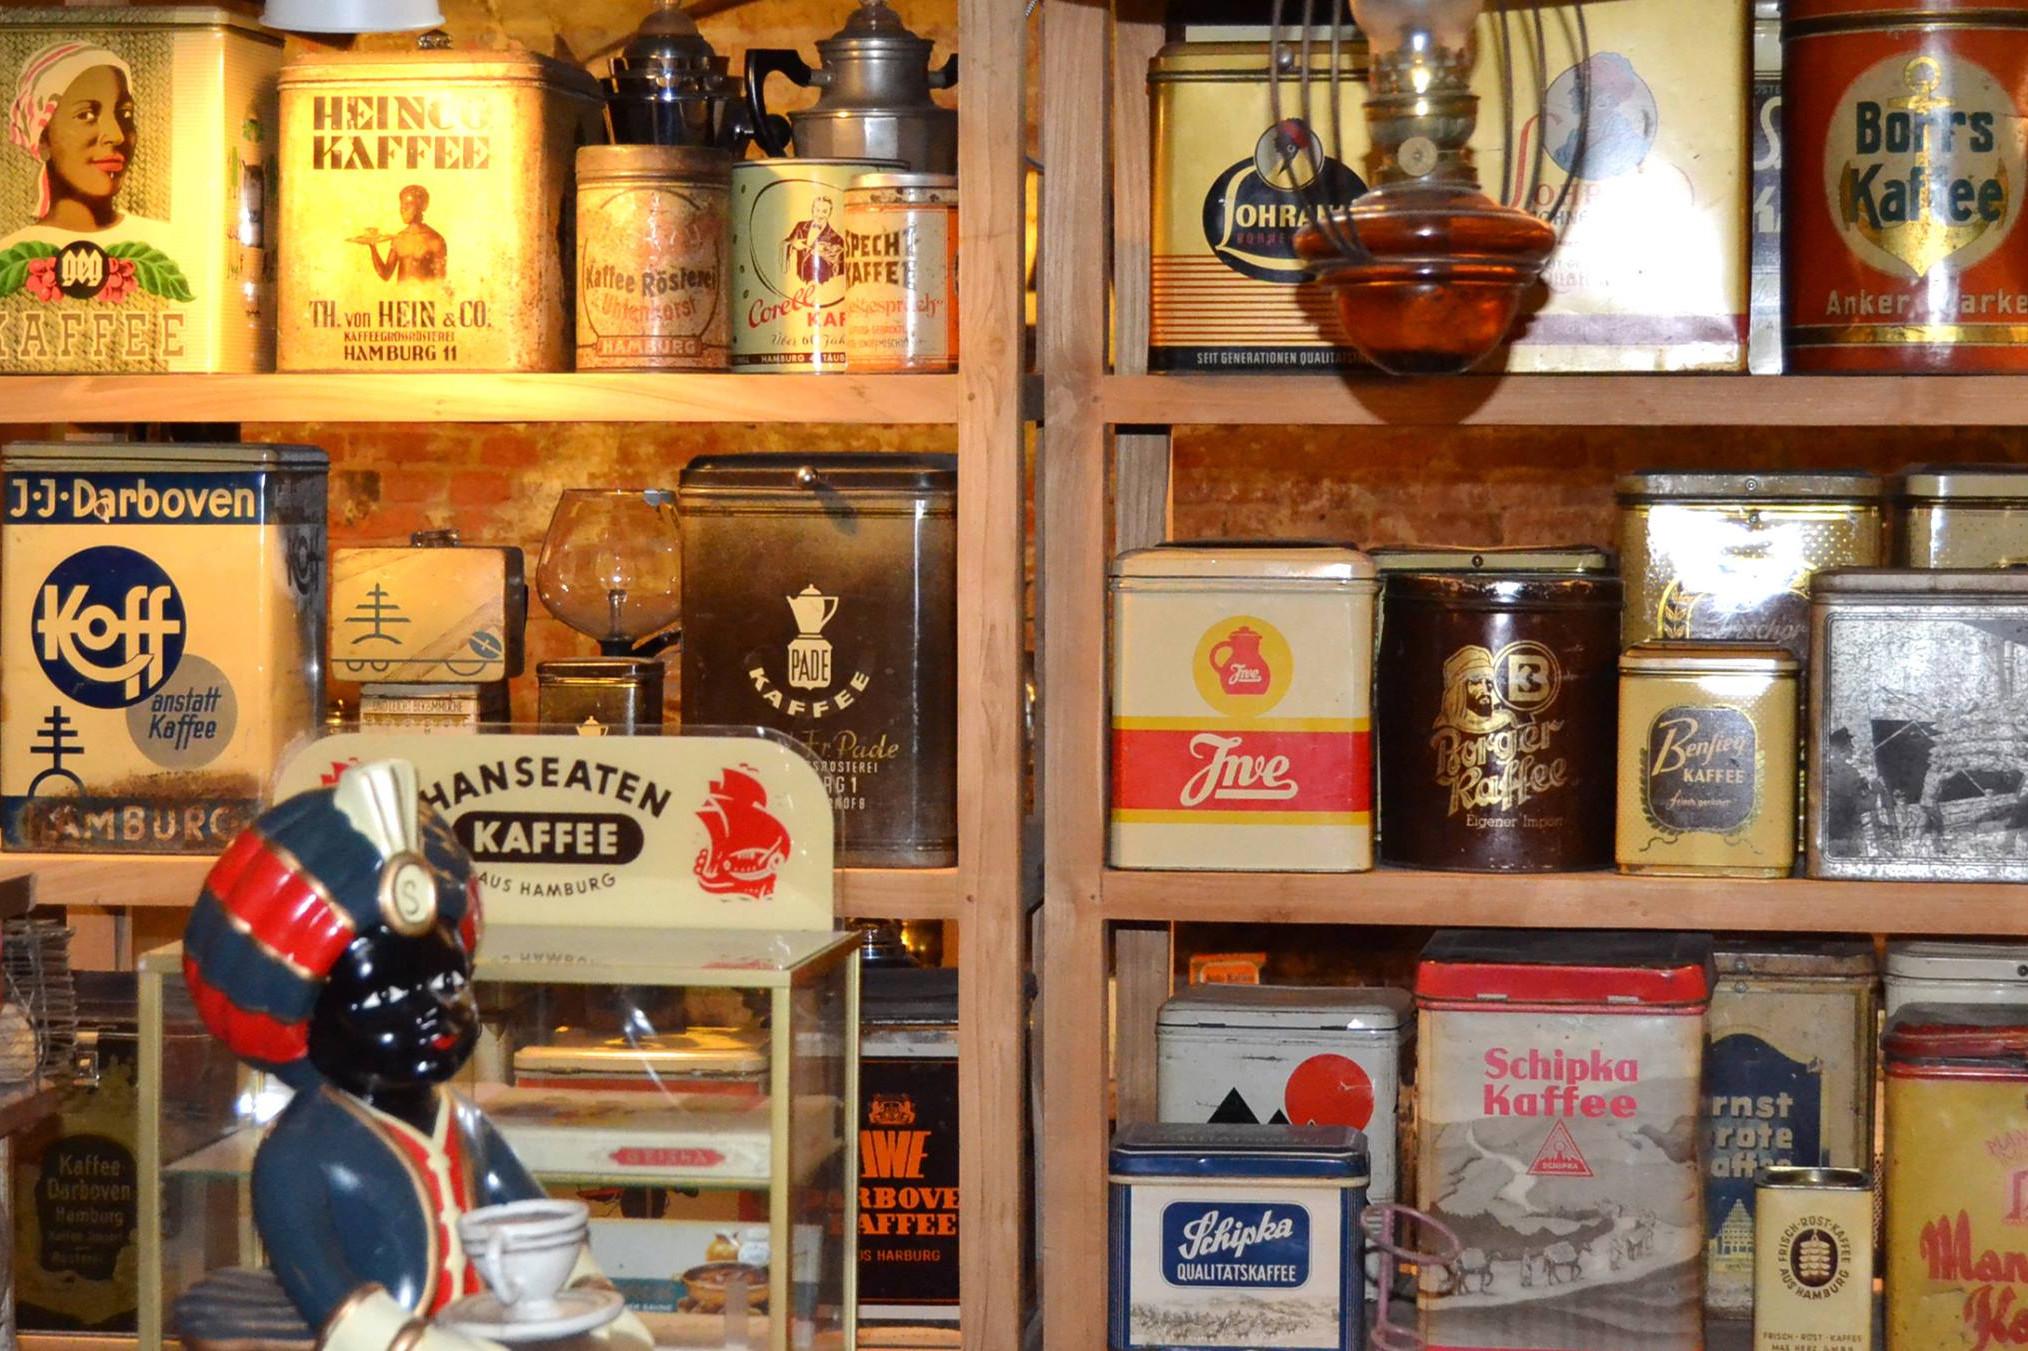 Öffentliche Kaffeeverkostung und Kurzführung durch das Museum in Hamburg, Ausstellung, 09.06.2018, Kaffeemuseum Burg - Copyright Kaffeemuseum - Rösterei Burg